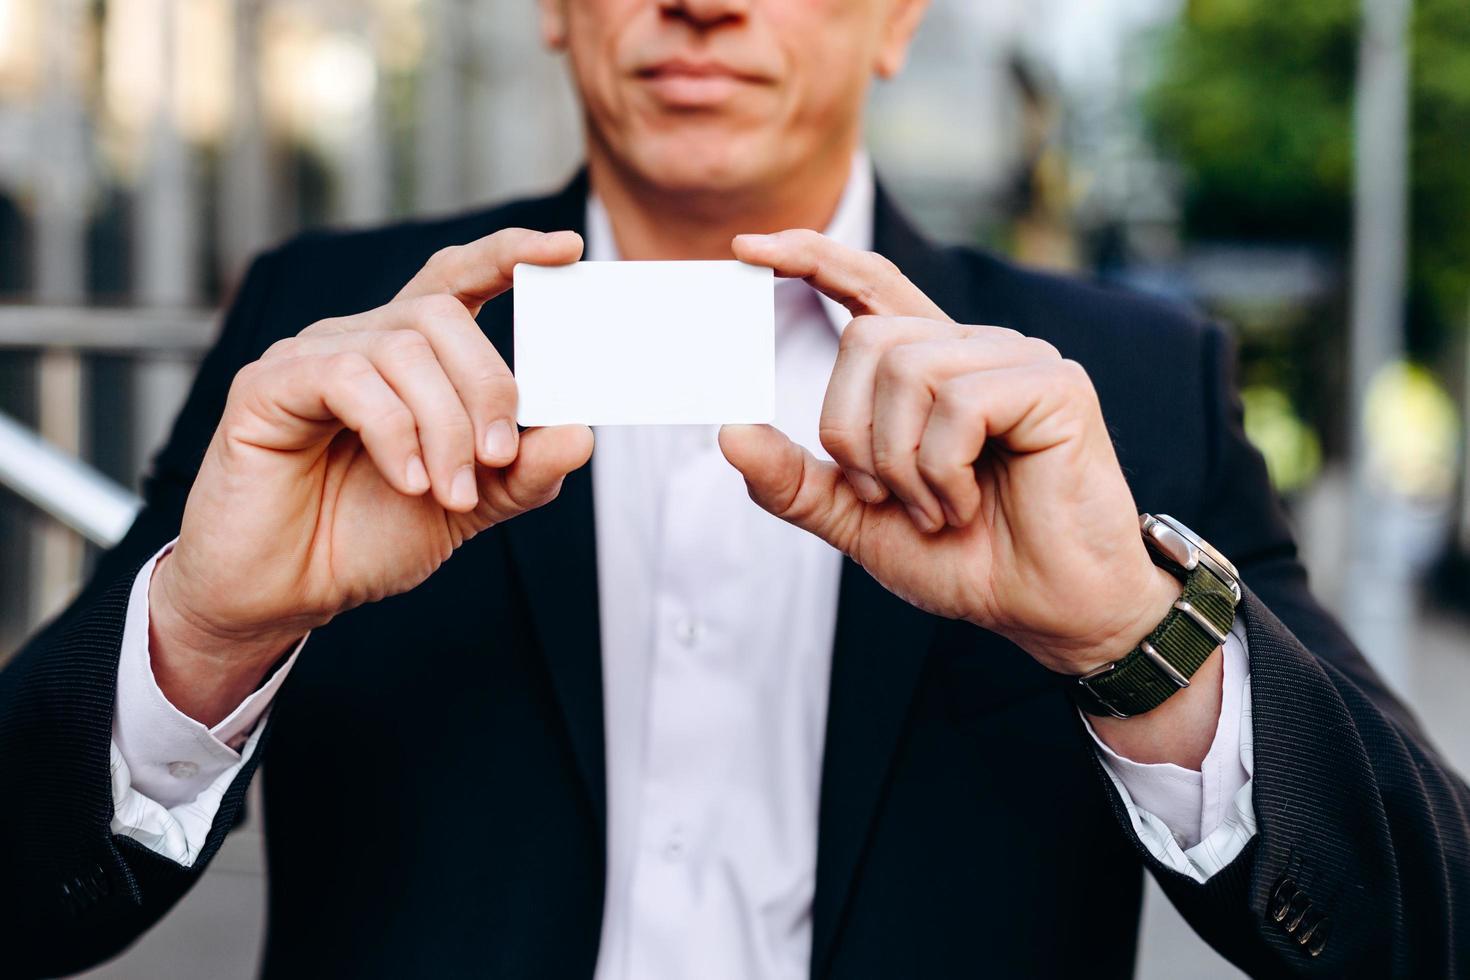 Gros plan blanc vide vierge maquette de carte de visite dans les mains des hommes - espace copie photo